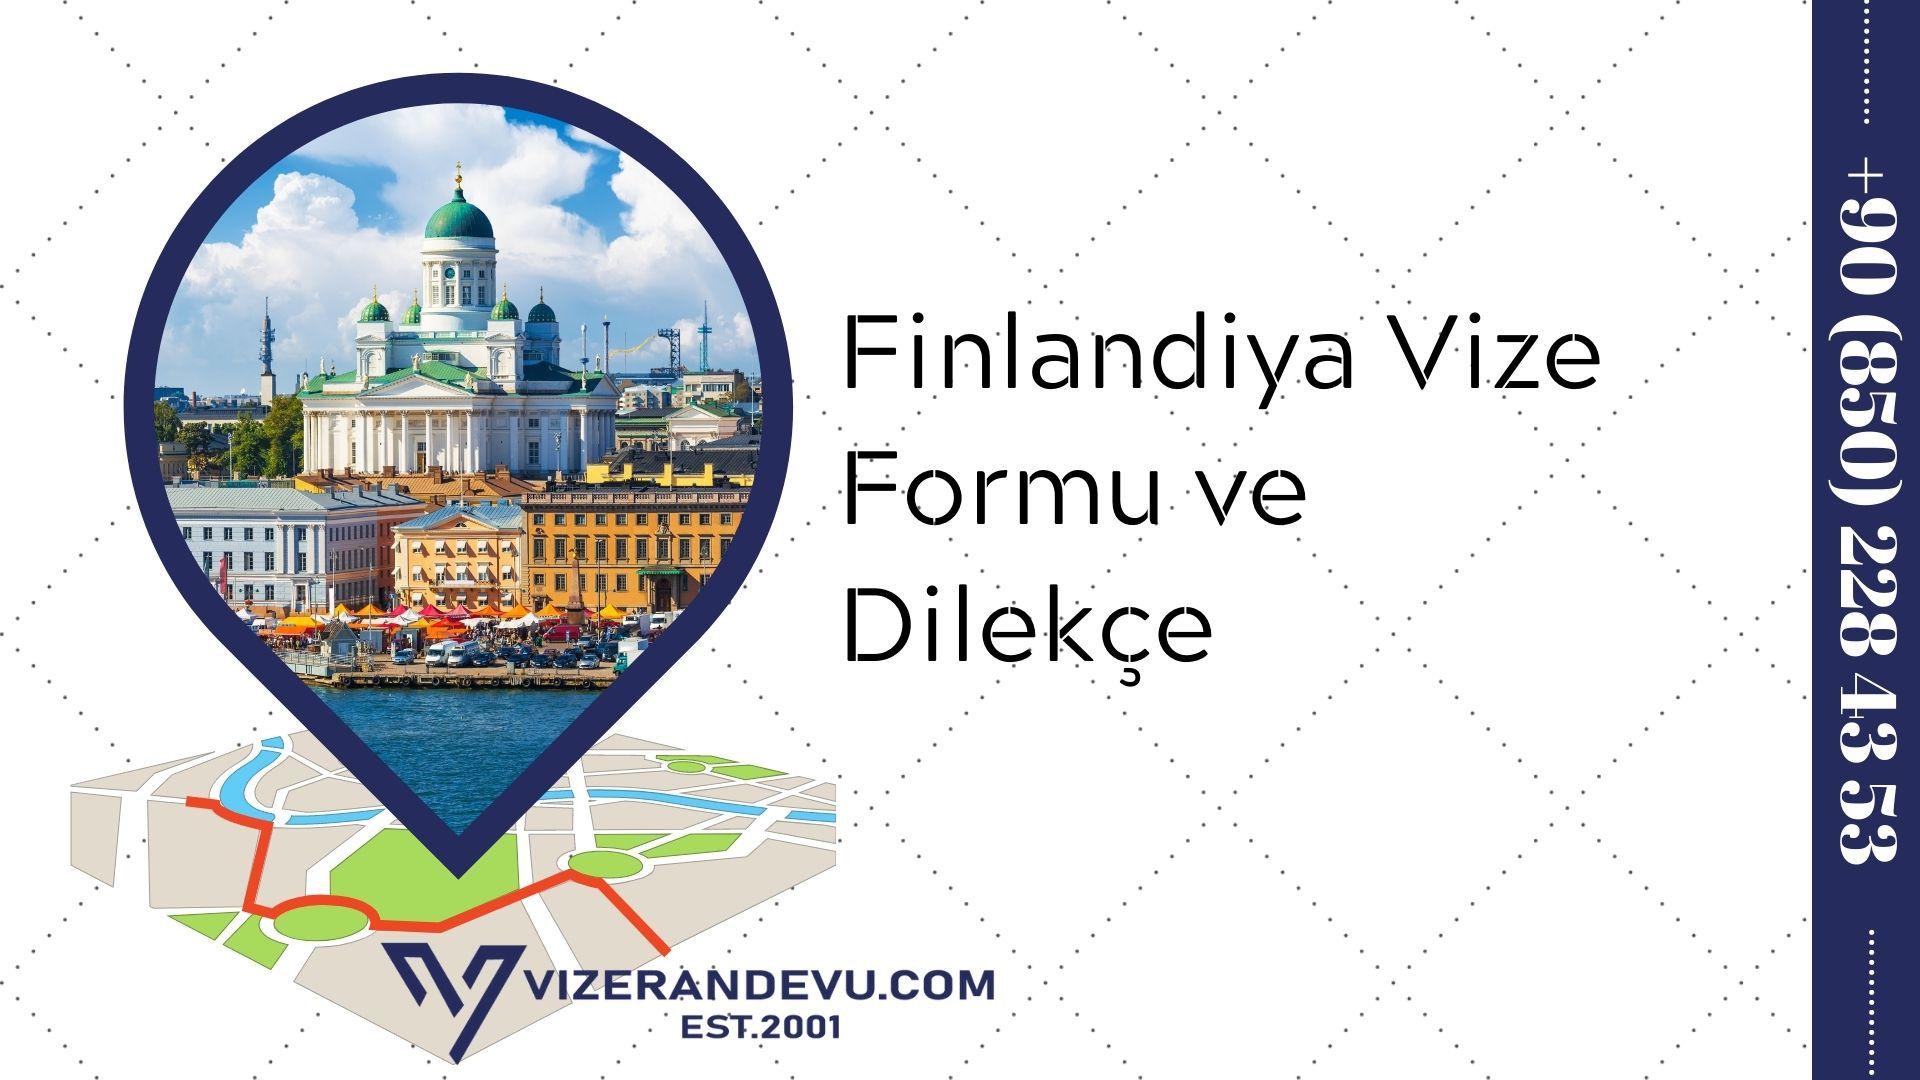 Finlandiya Vize Formu ve Dilekçe 2021